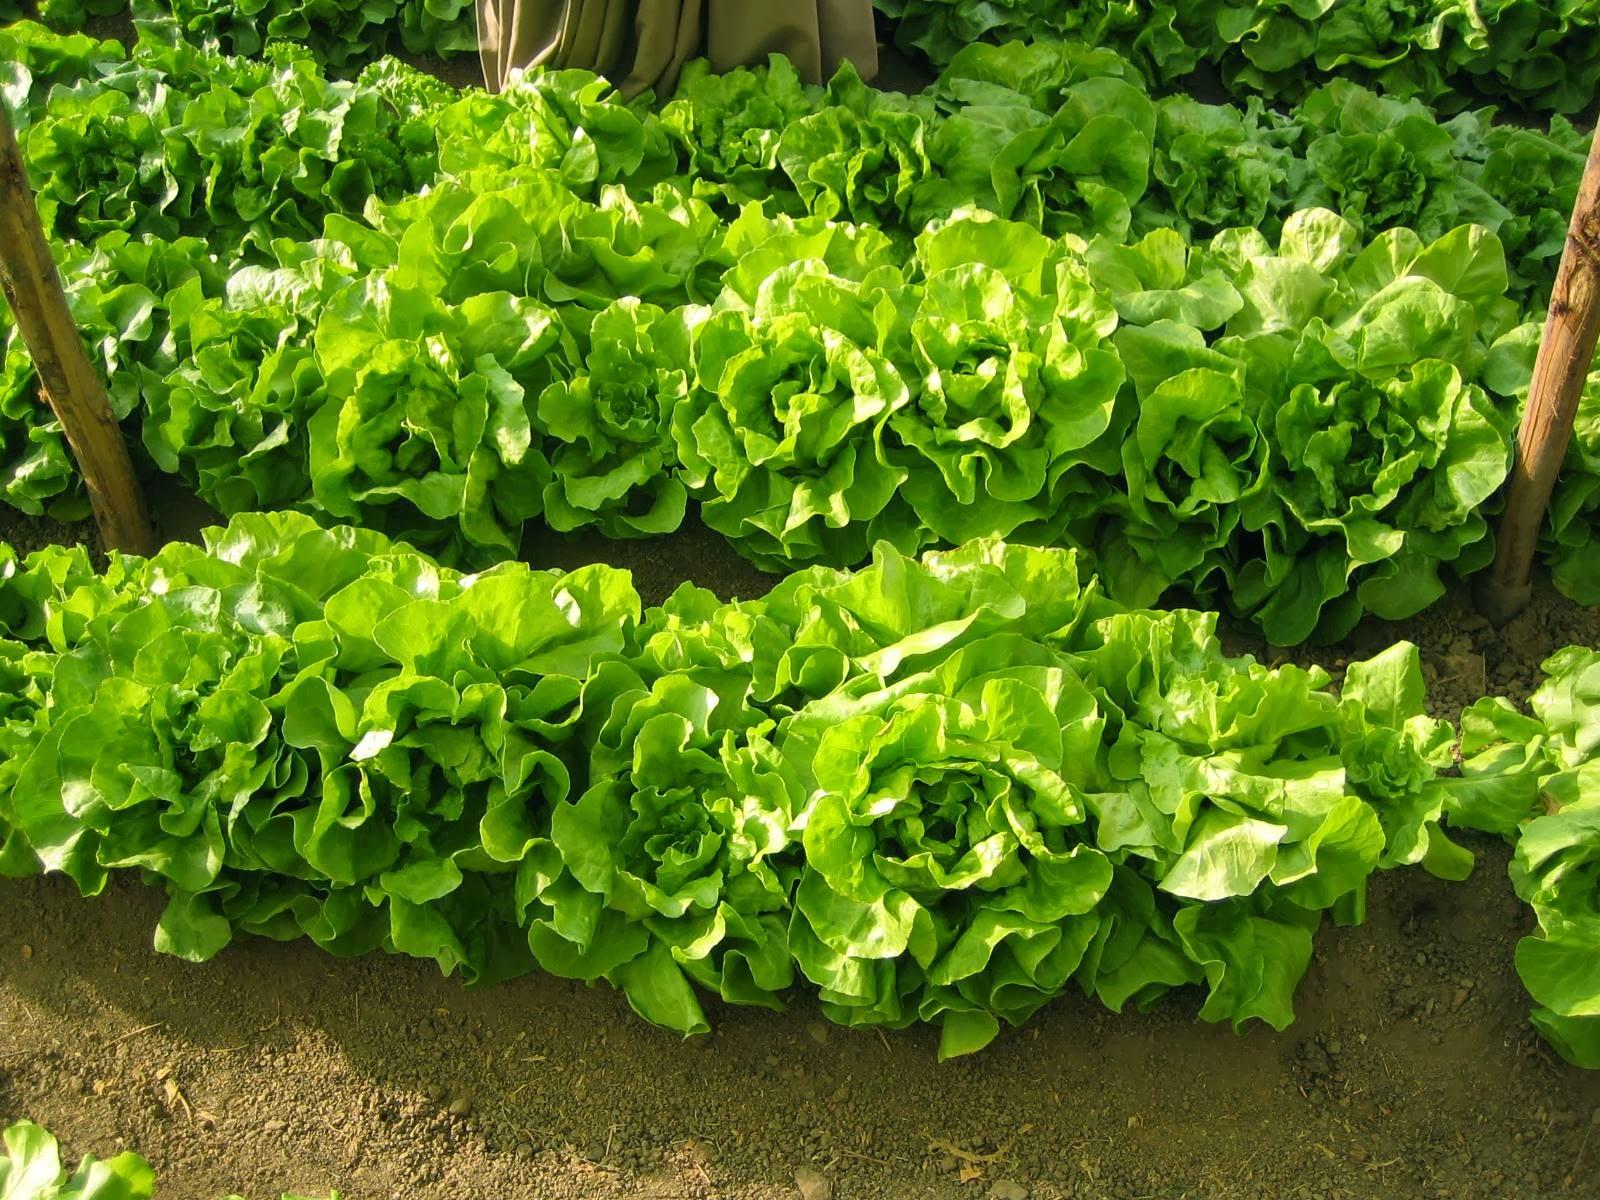 Tipos de hortalizas seg n sus requerimientos de suelo y - Preparacion de la tierra para sembrar ...